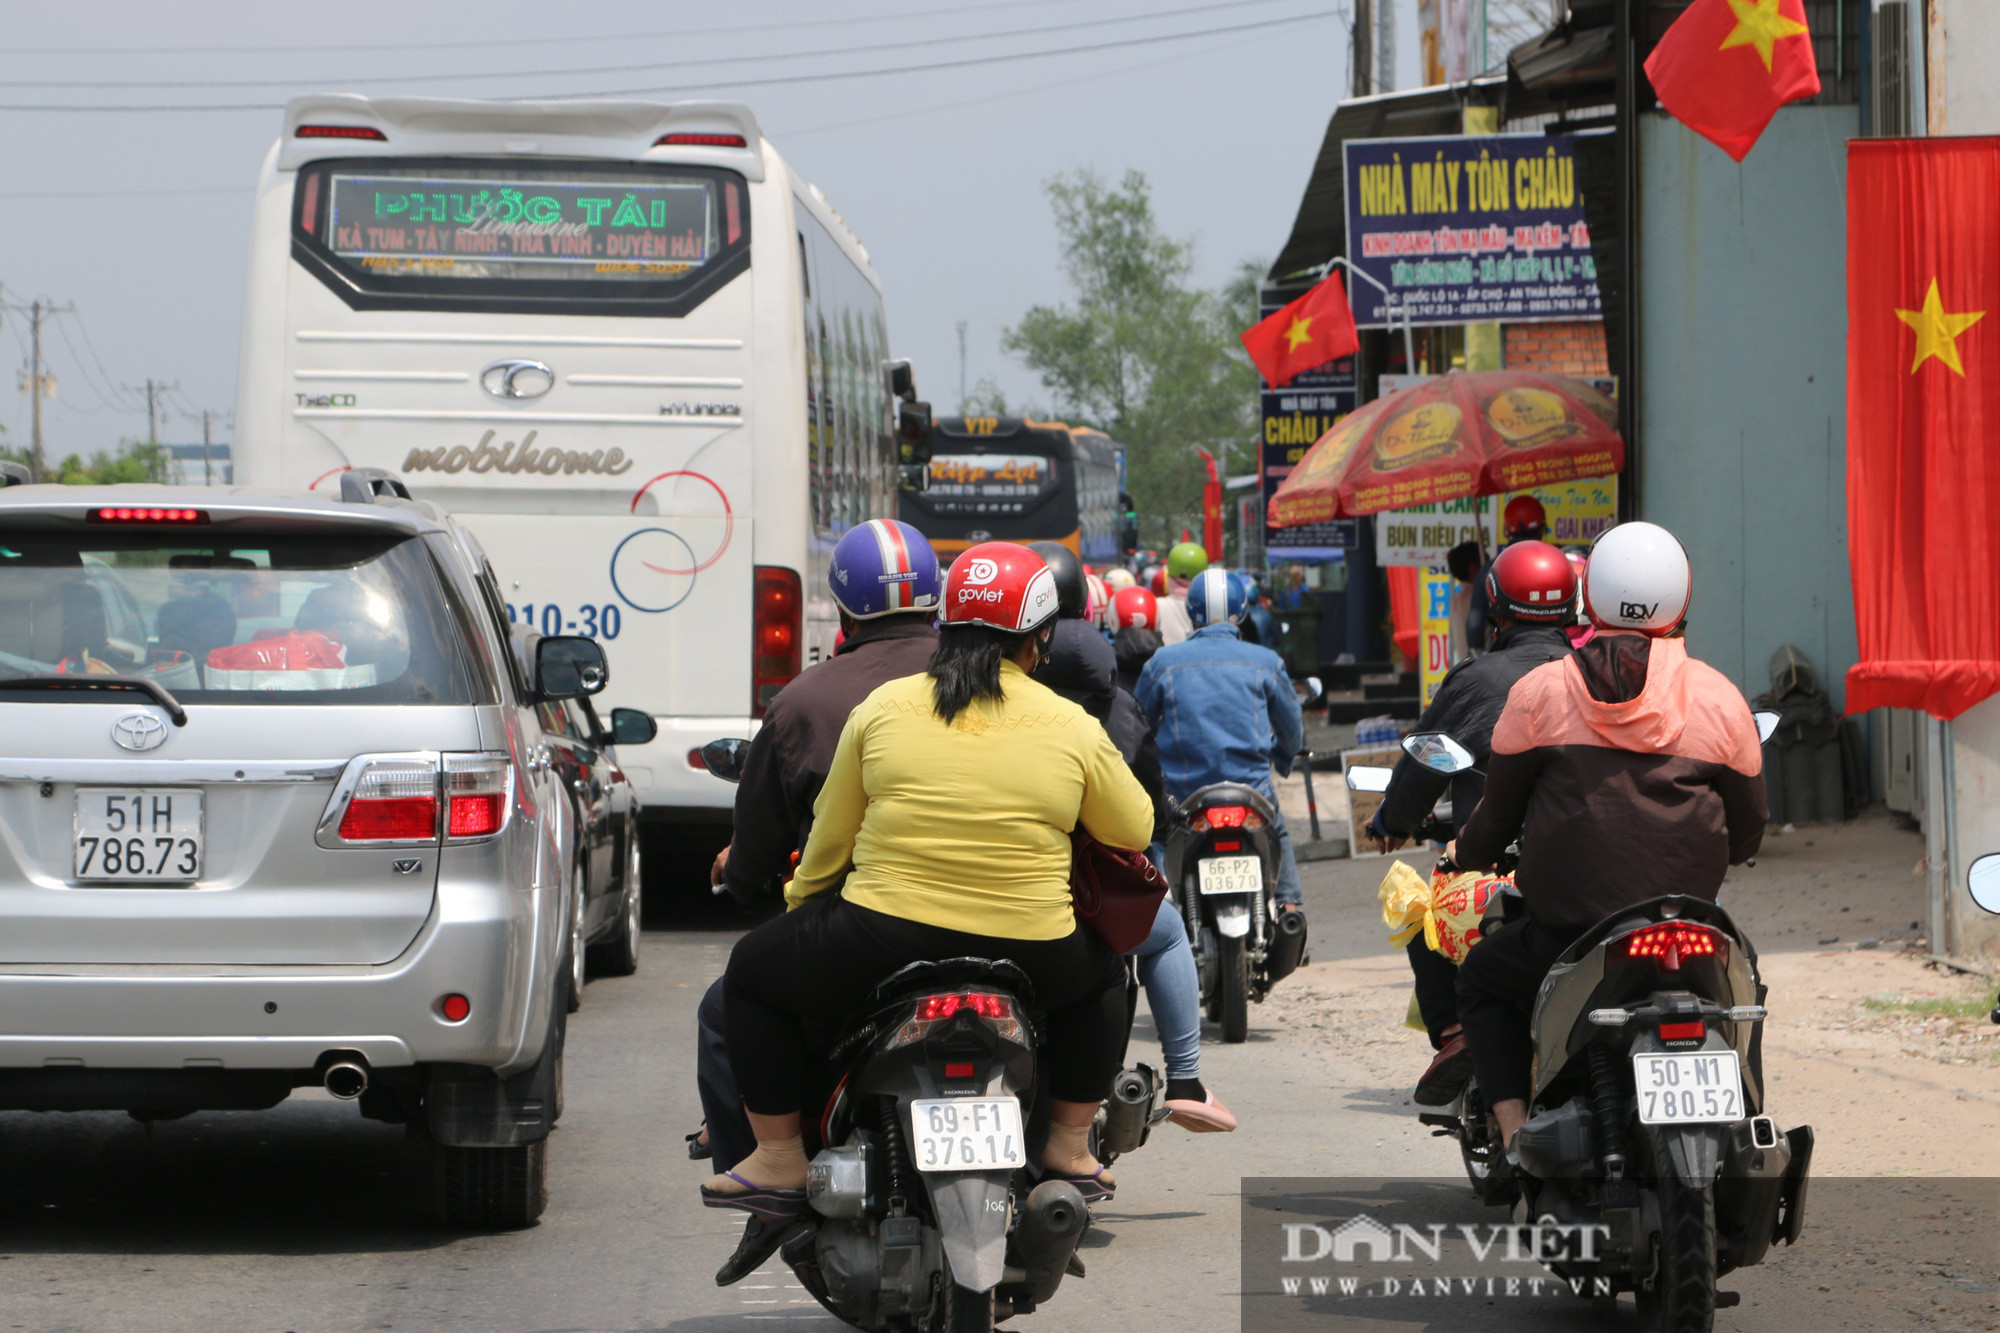 Người dân miền Tây về TP.HCM ngày mùng 5 Tết: Di chuyển dễ dàng - Ảnh 4.